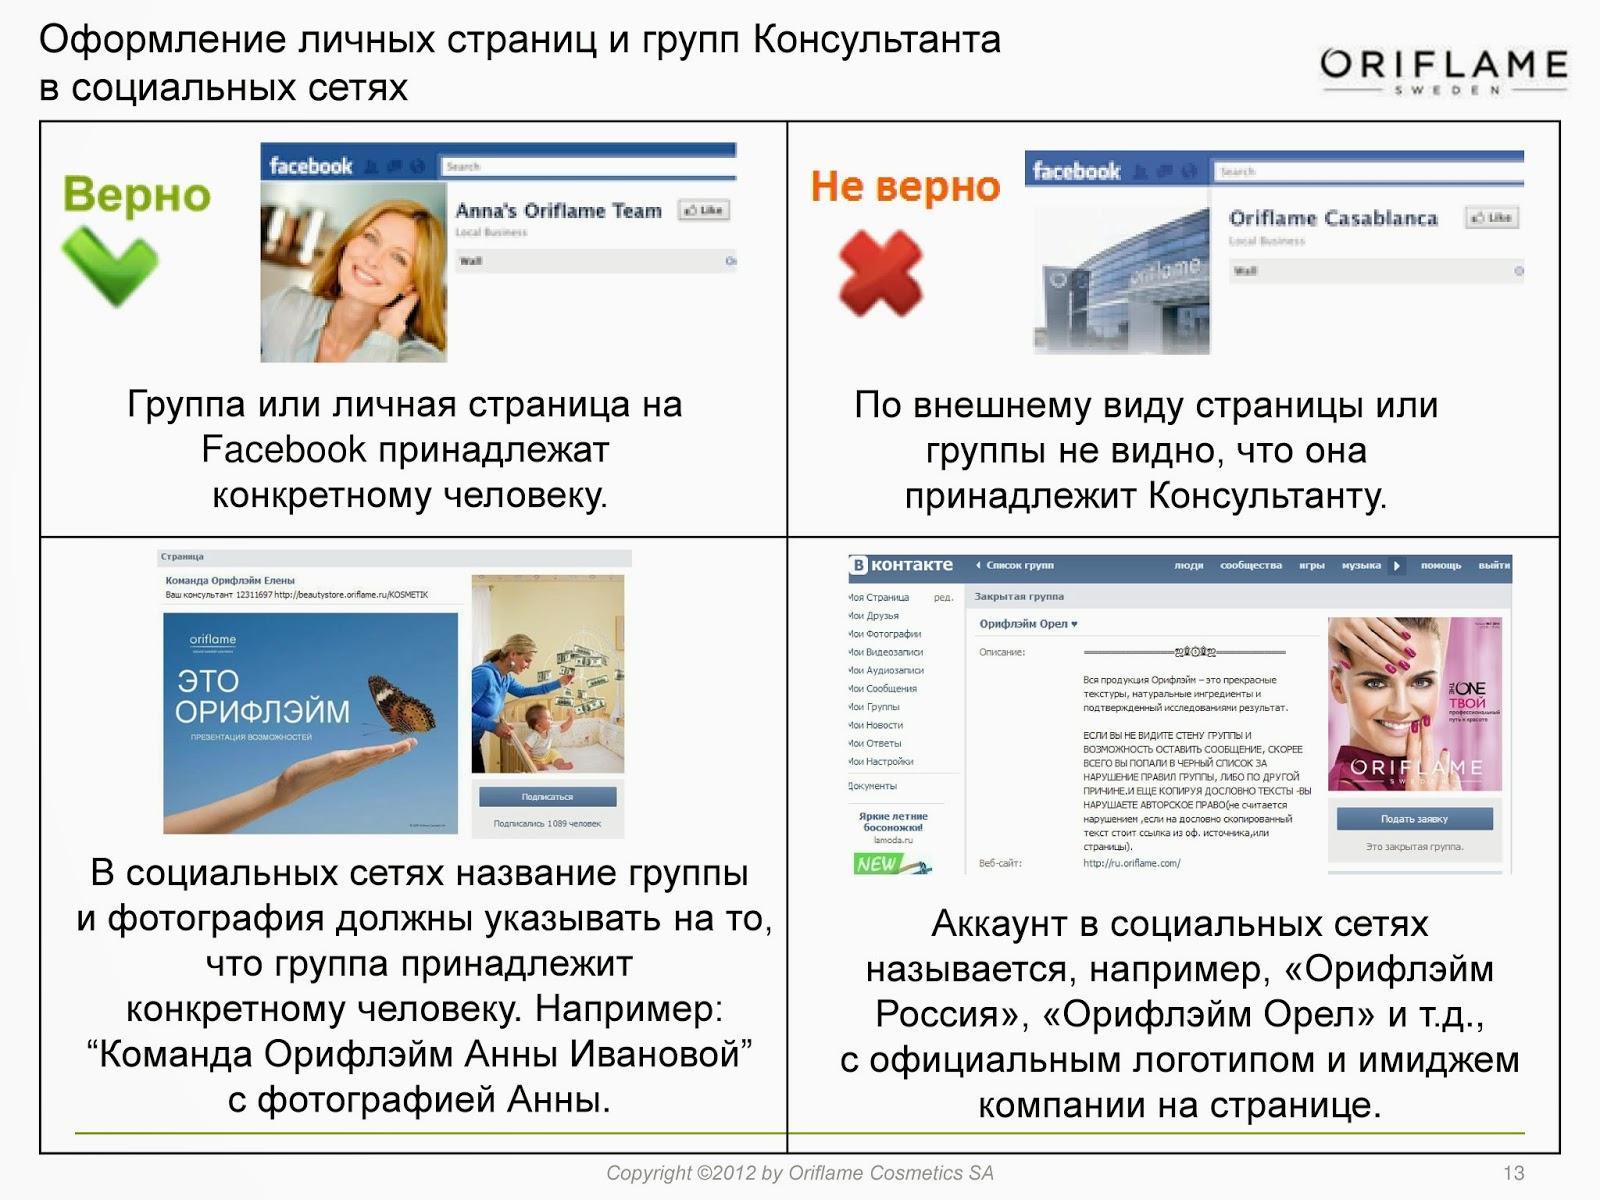 Требования к оформлению страниц и групп Консультантов в социальных сетях